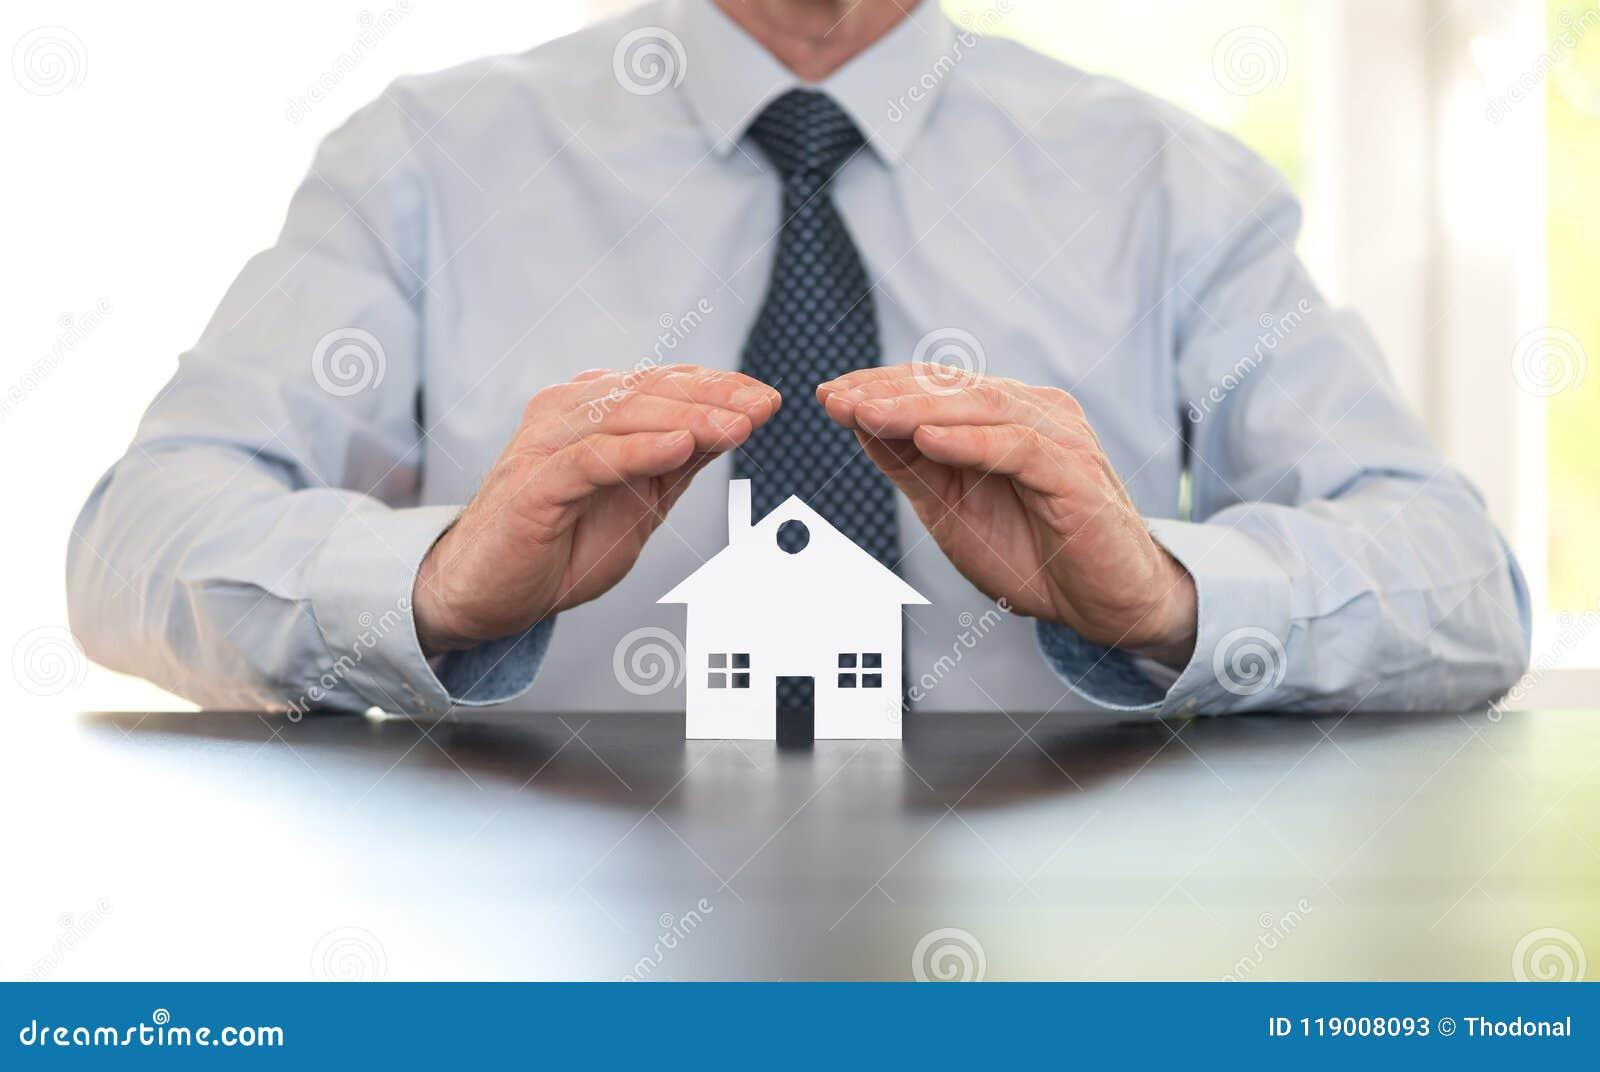 Símbolo del seguro casero